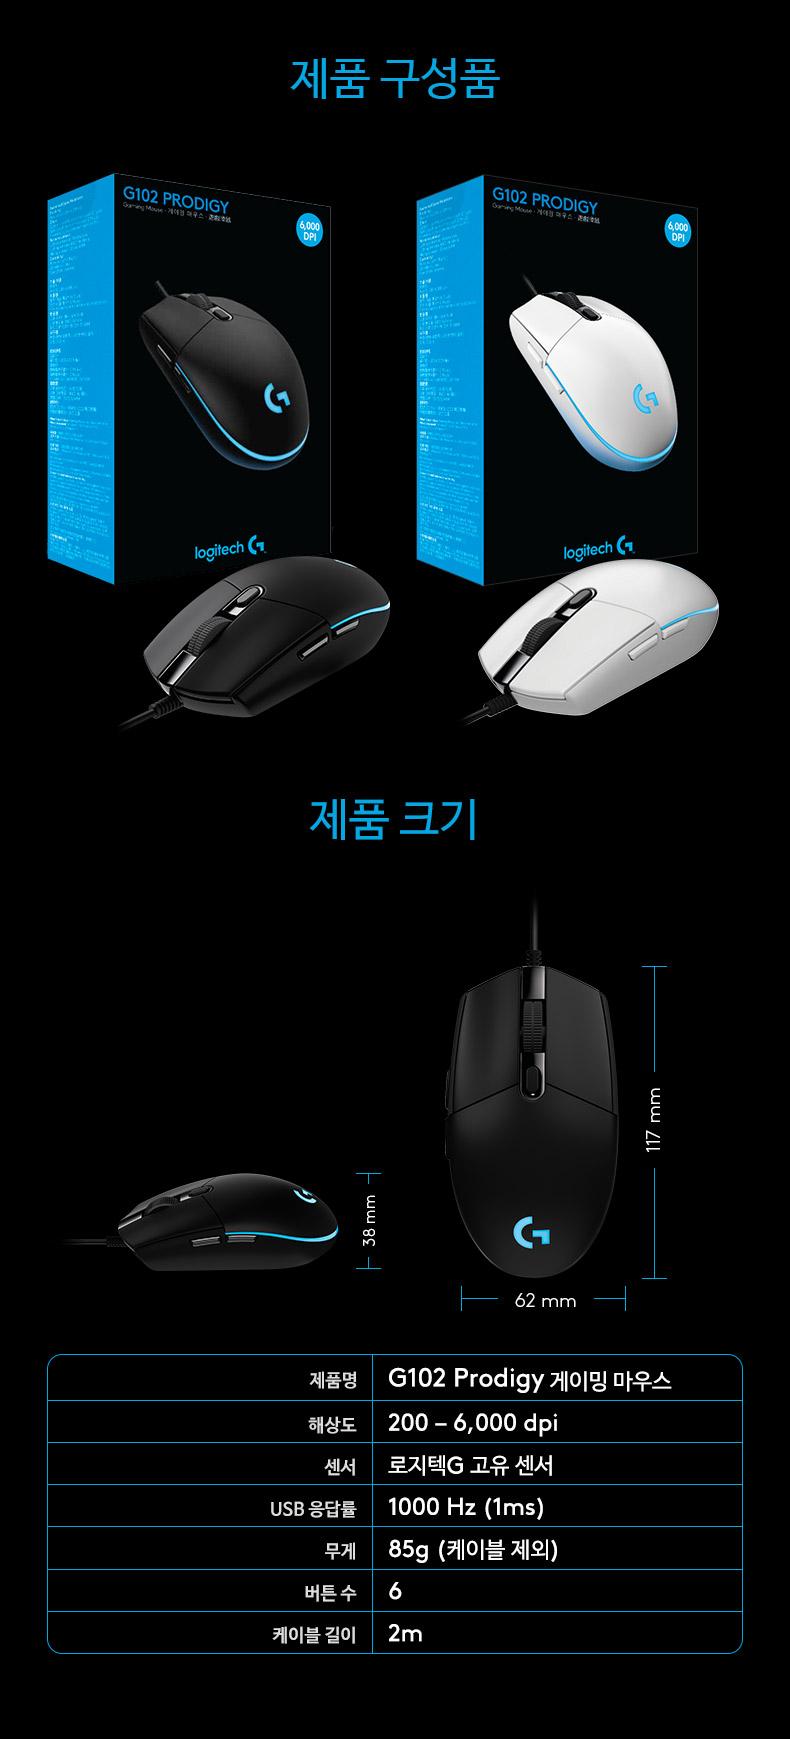 [촬영상품] 로지텍 G102 PRODIGY 마우스 (화이트, 정품)